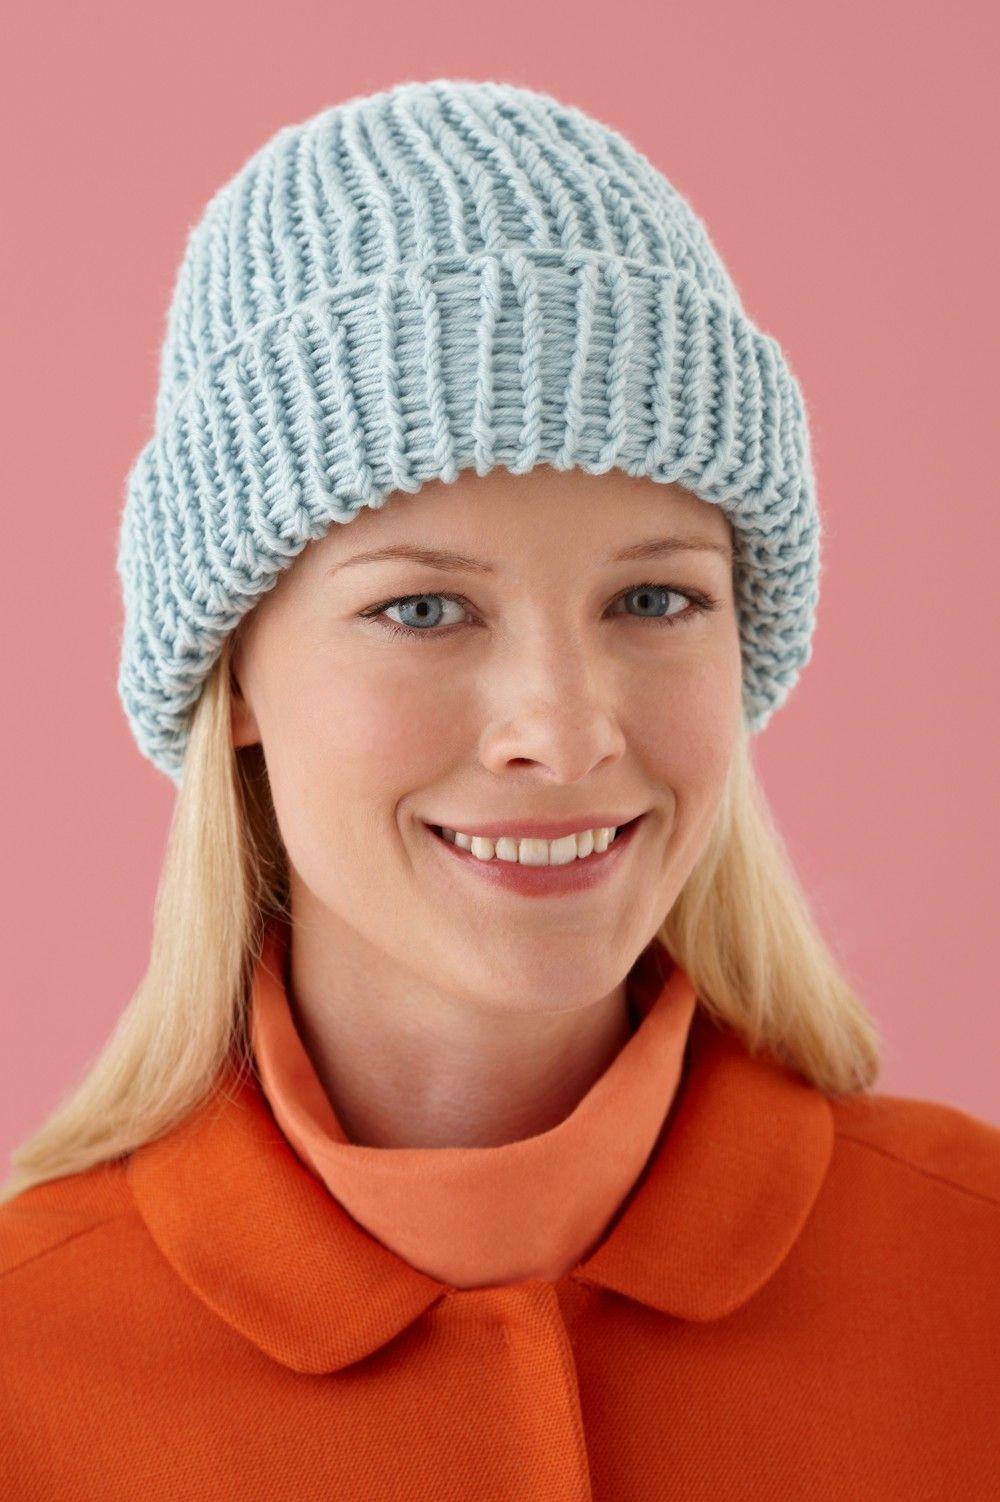 Loom Double Knit Hat | Loom knit hat, Loom hats, Loom ...